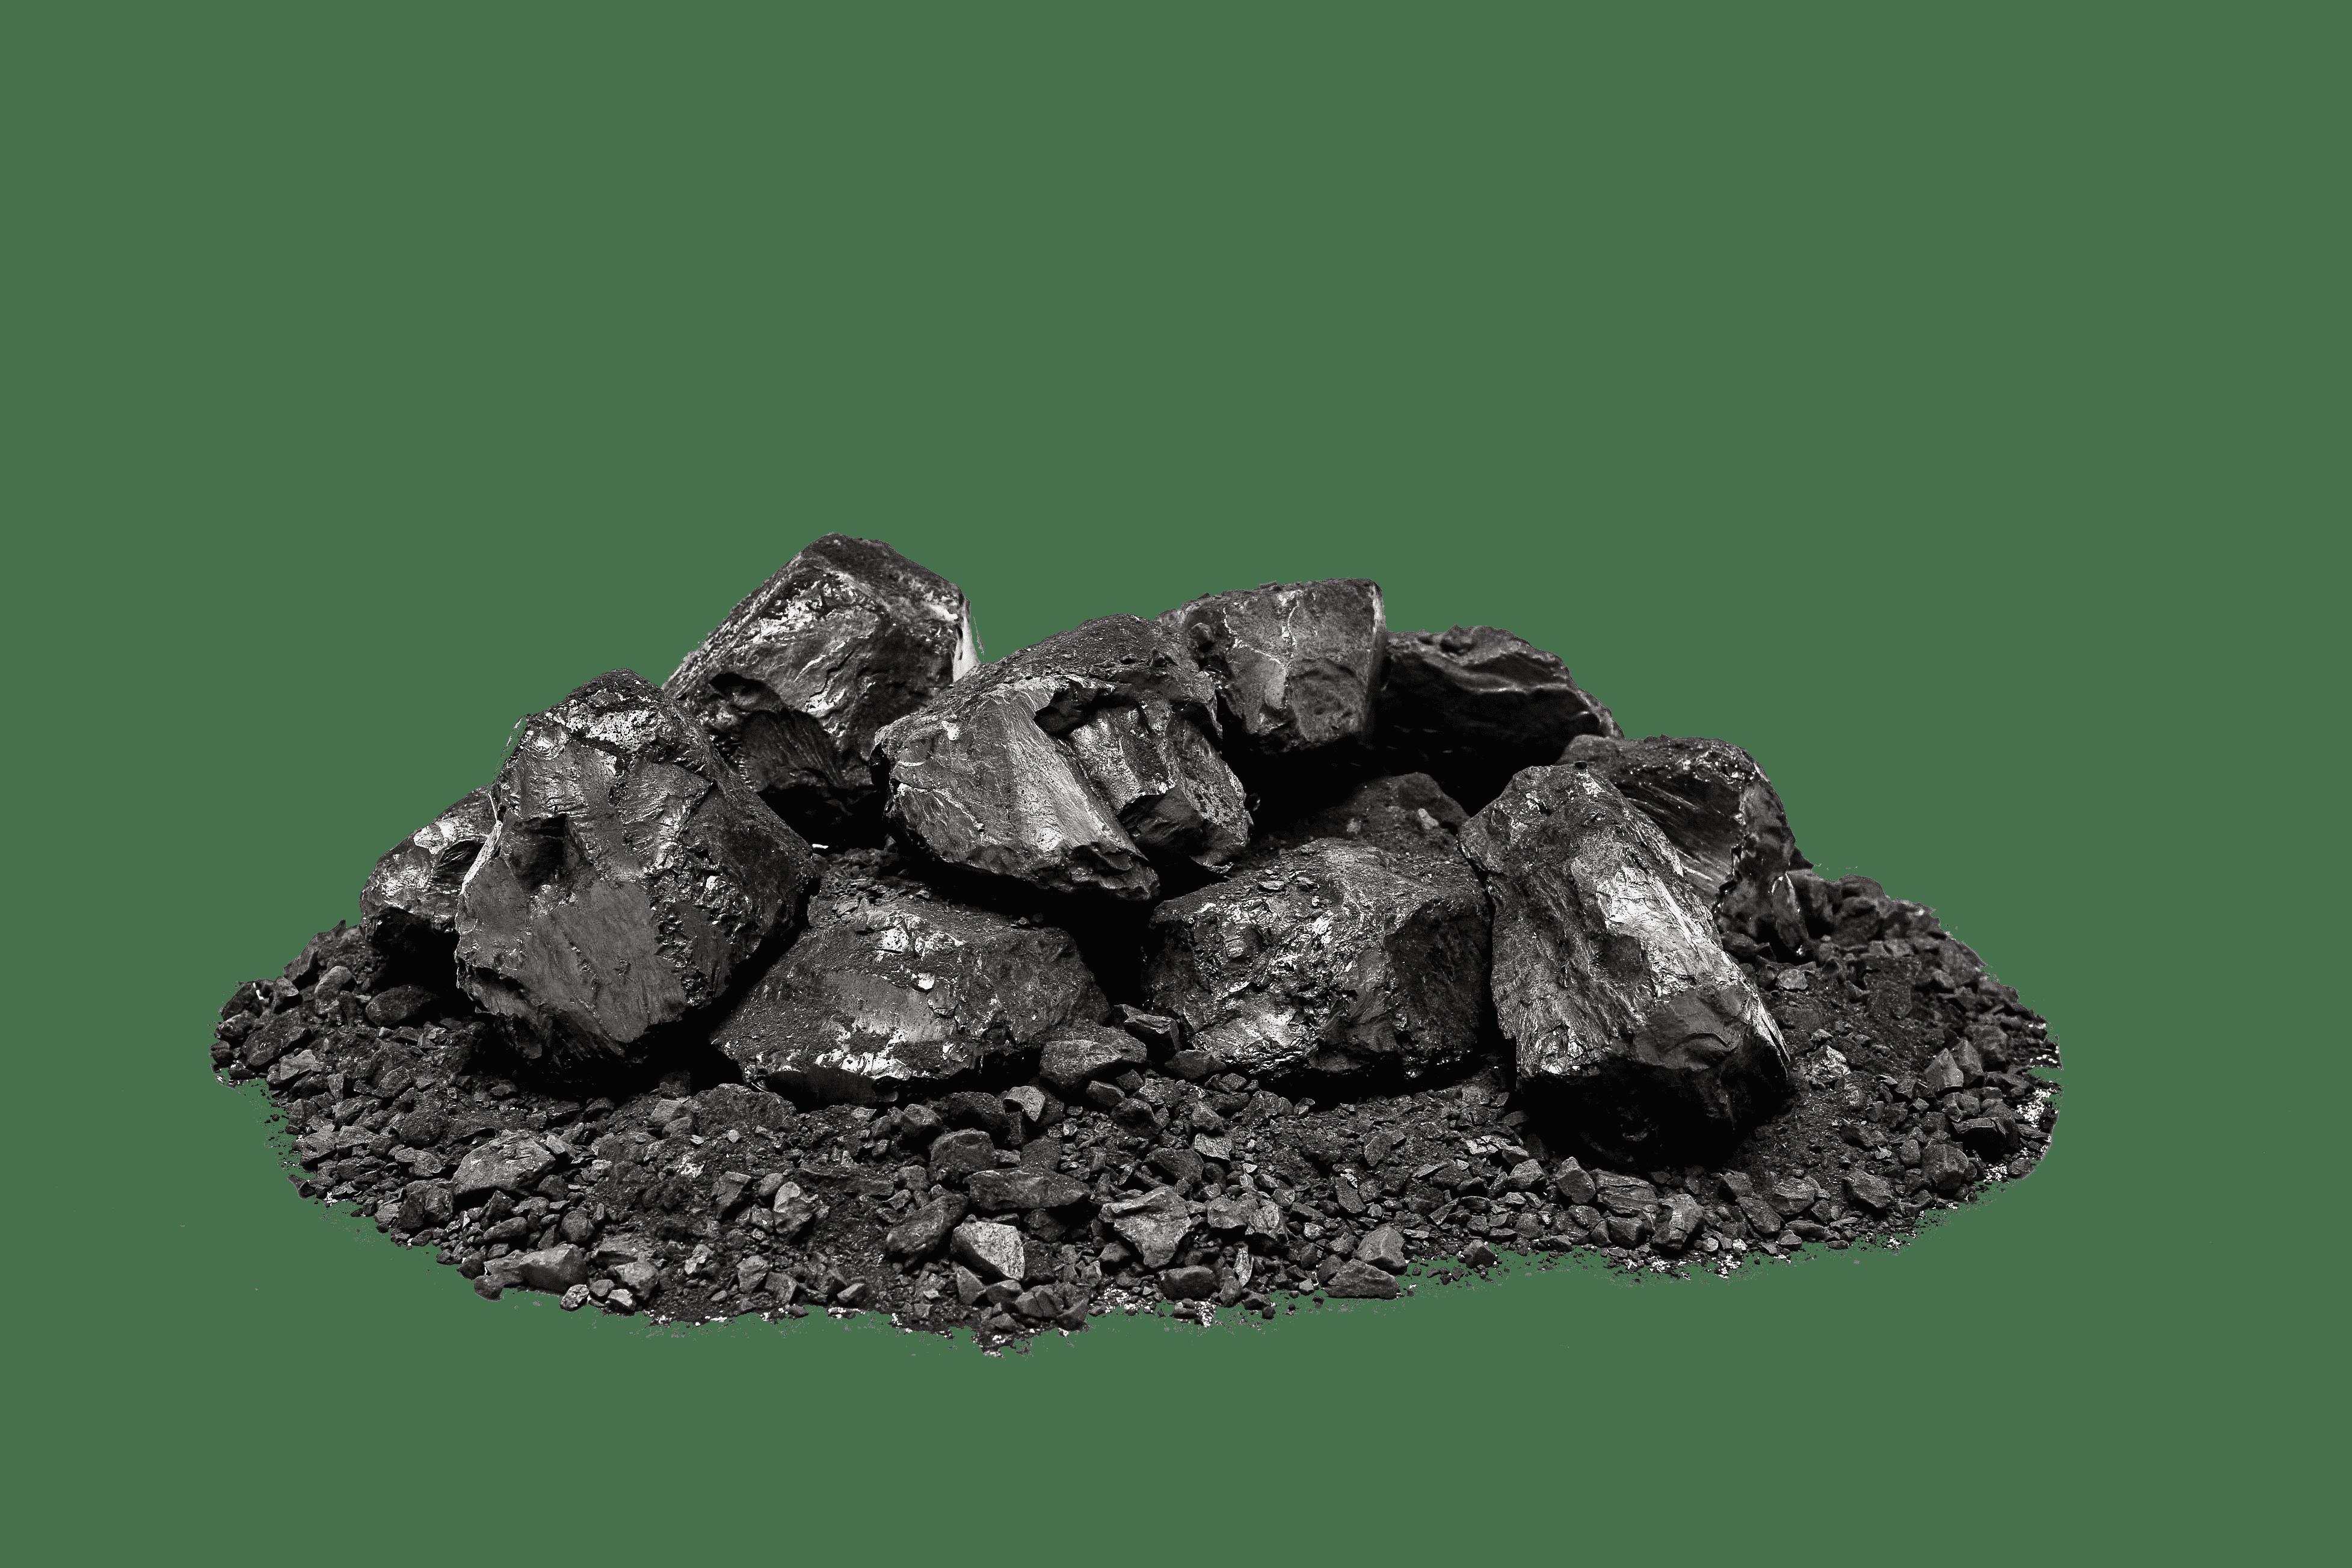 ถ่านหิน ขนาด 0-50 มม.